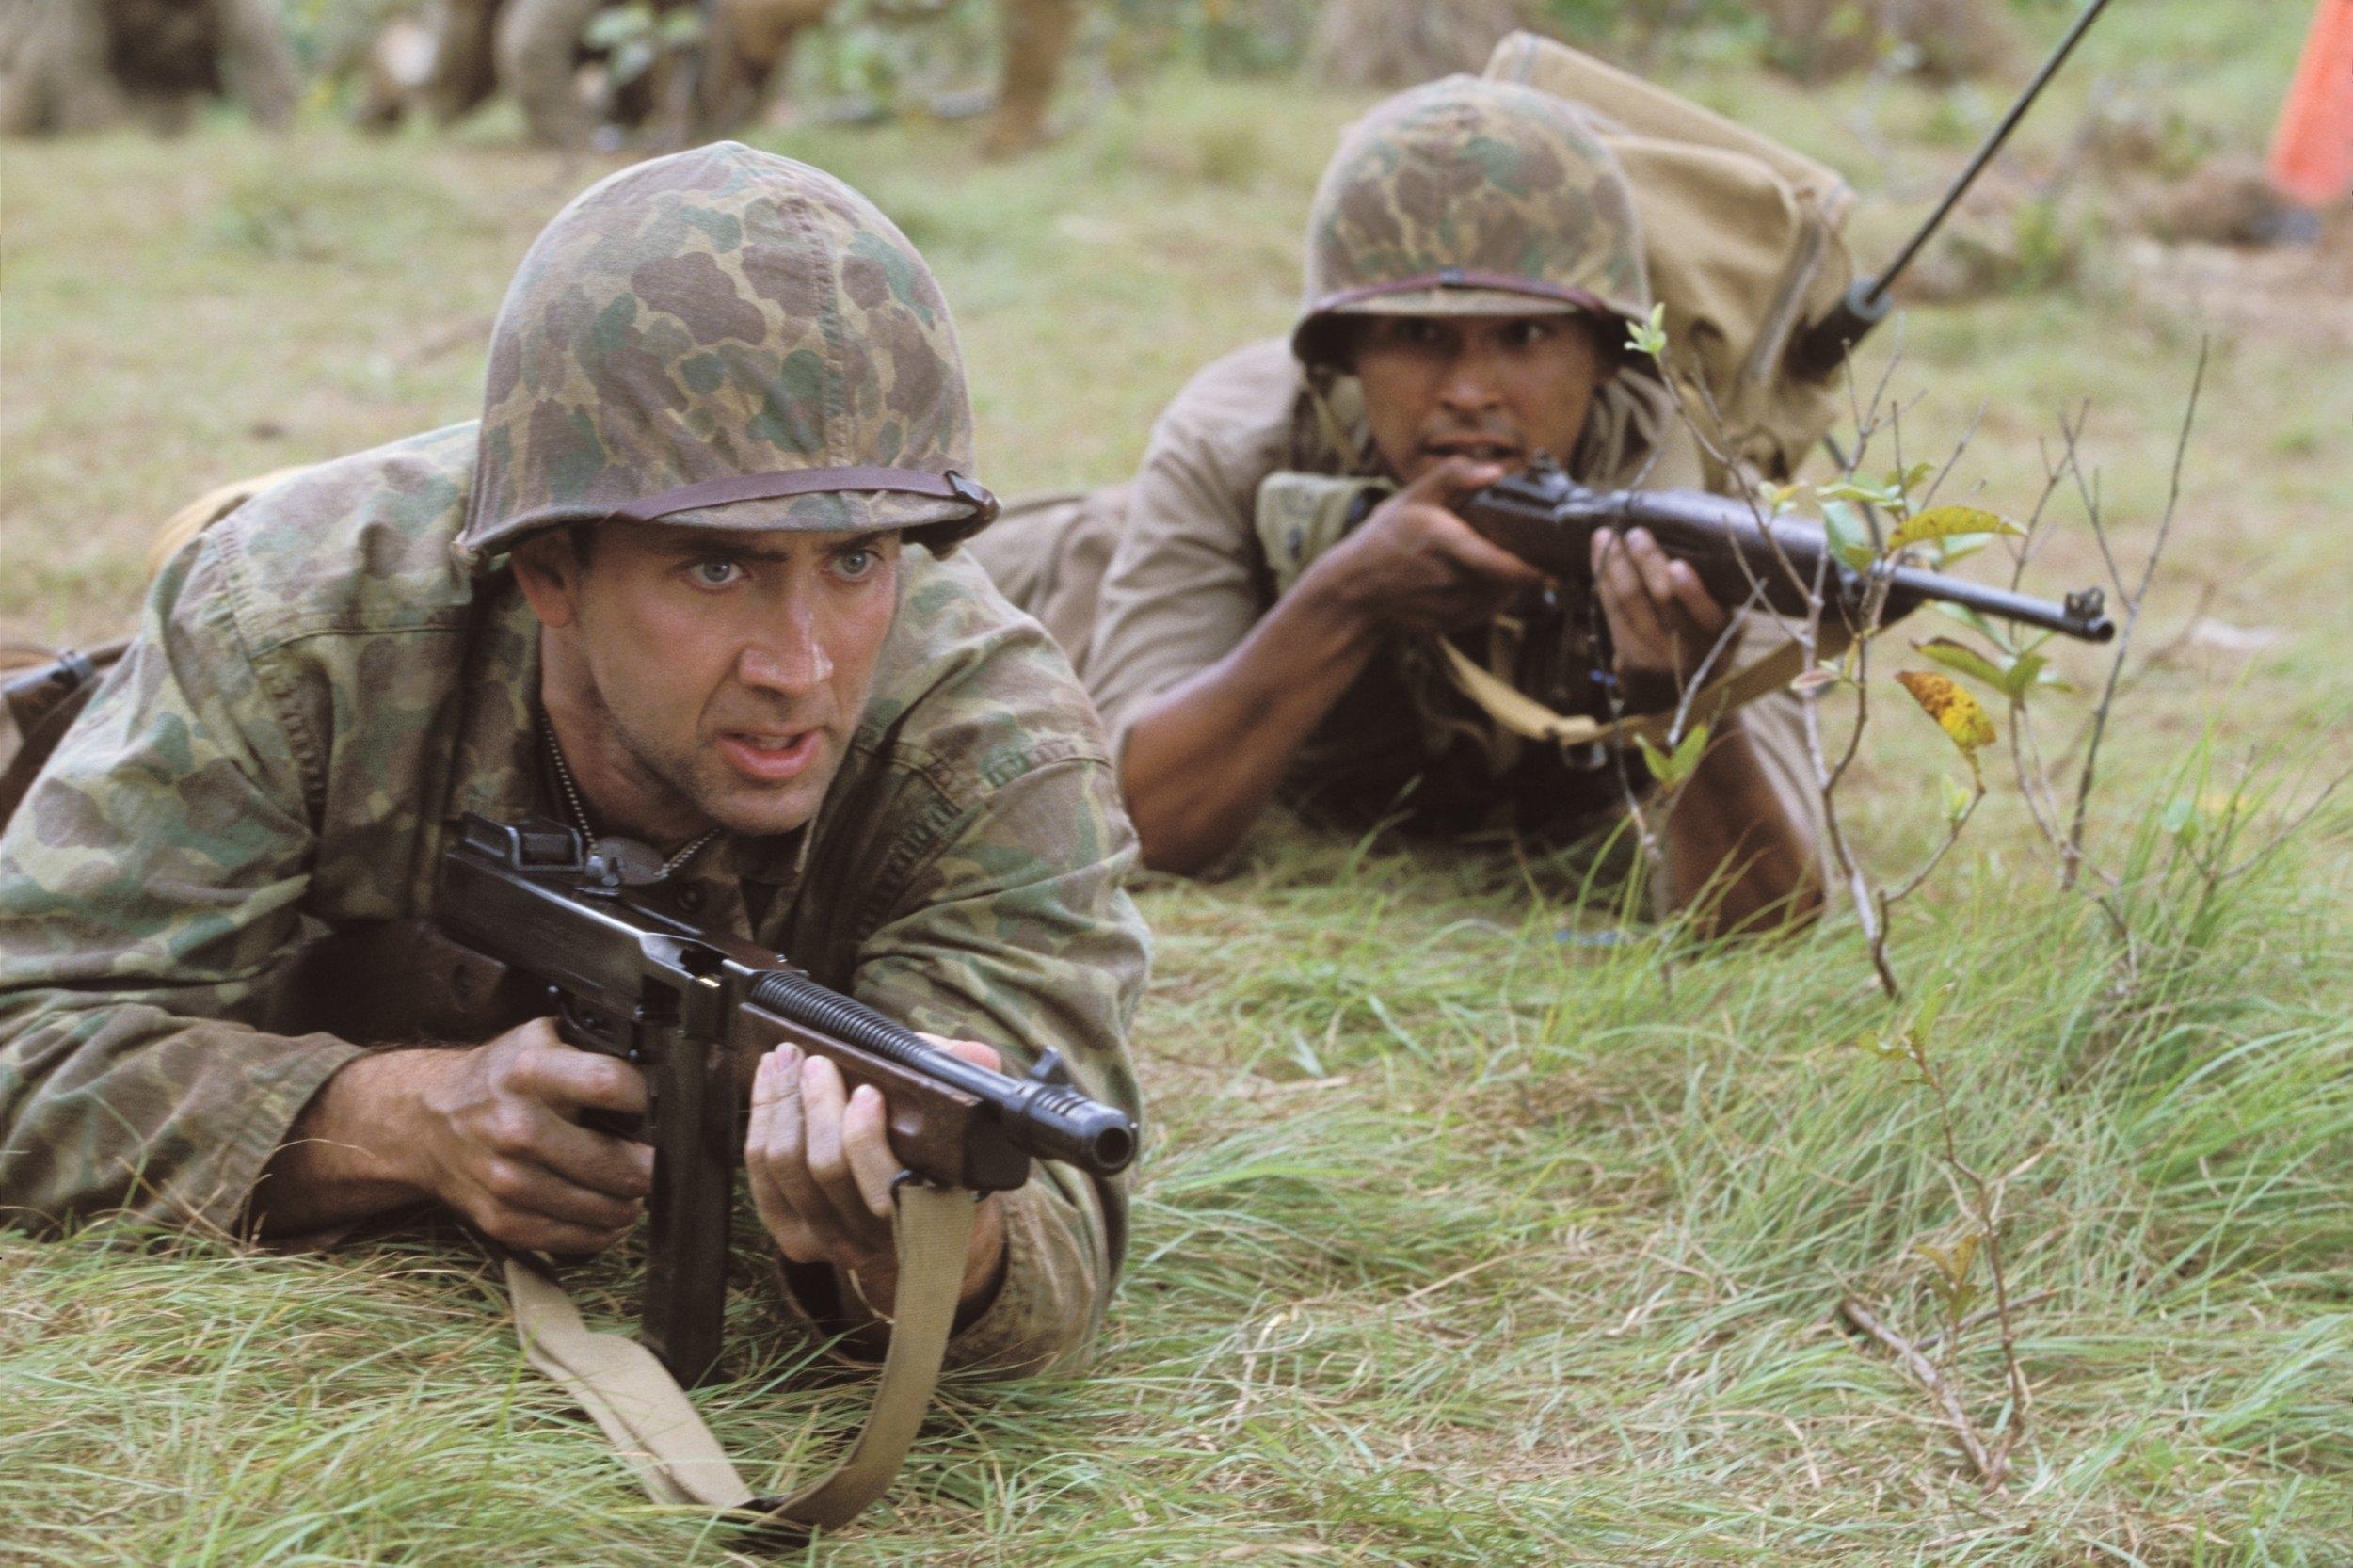 Háborús eposznak nem tökéletes, akciófilmnek remek